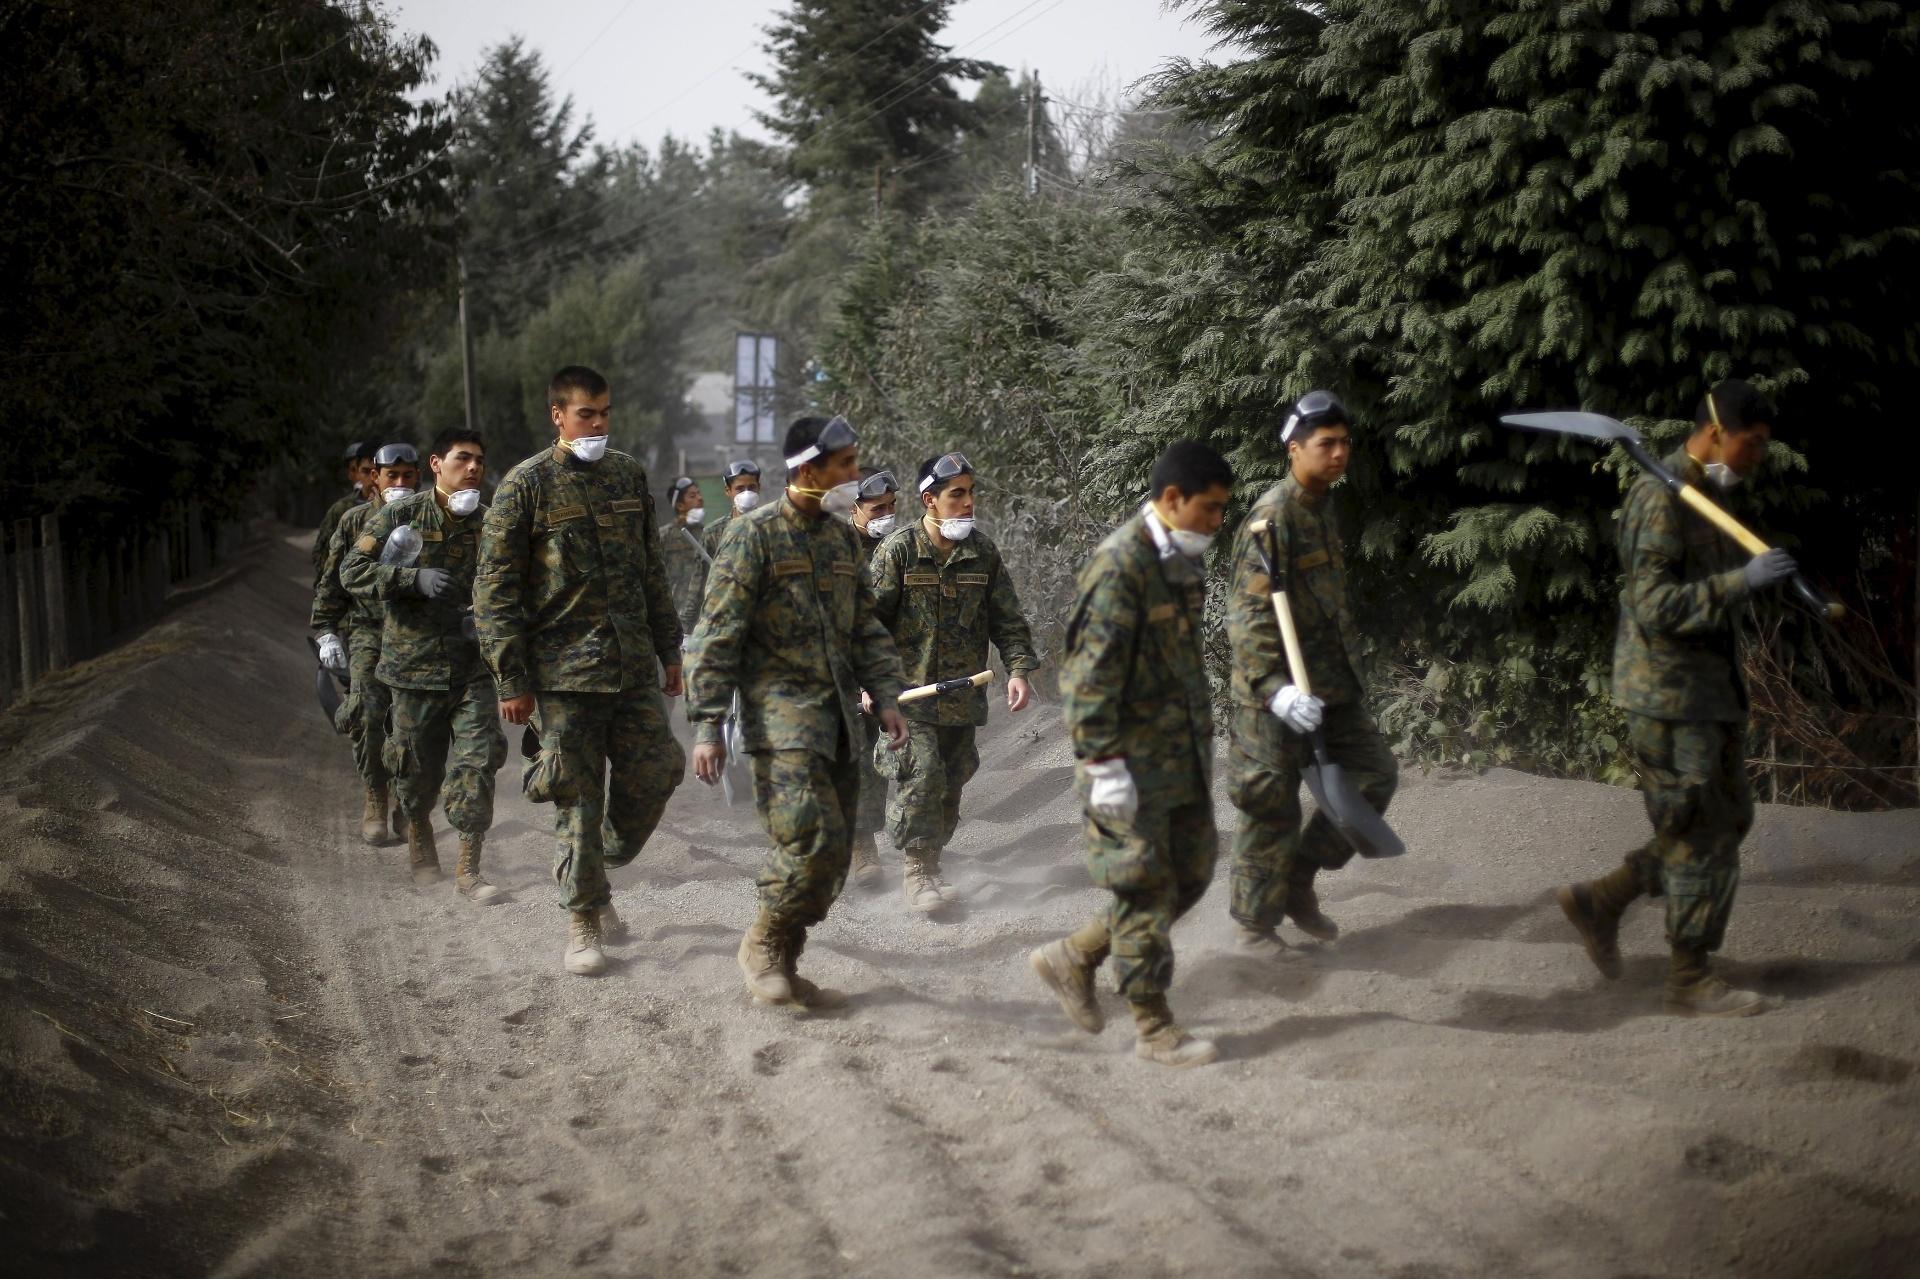 27.abr.2015 - Soldados do Exército chegam a Ensenada, na região dos Lagos, sul do Chile, para ajudar a população em uma área coberta pelas cinzas do vulcão Cabulco, nesta segunda-feira (27). Esforços massivos de limpeza continuam após o vulcão entrar em erupção, na semana passada